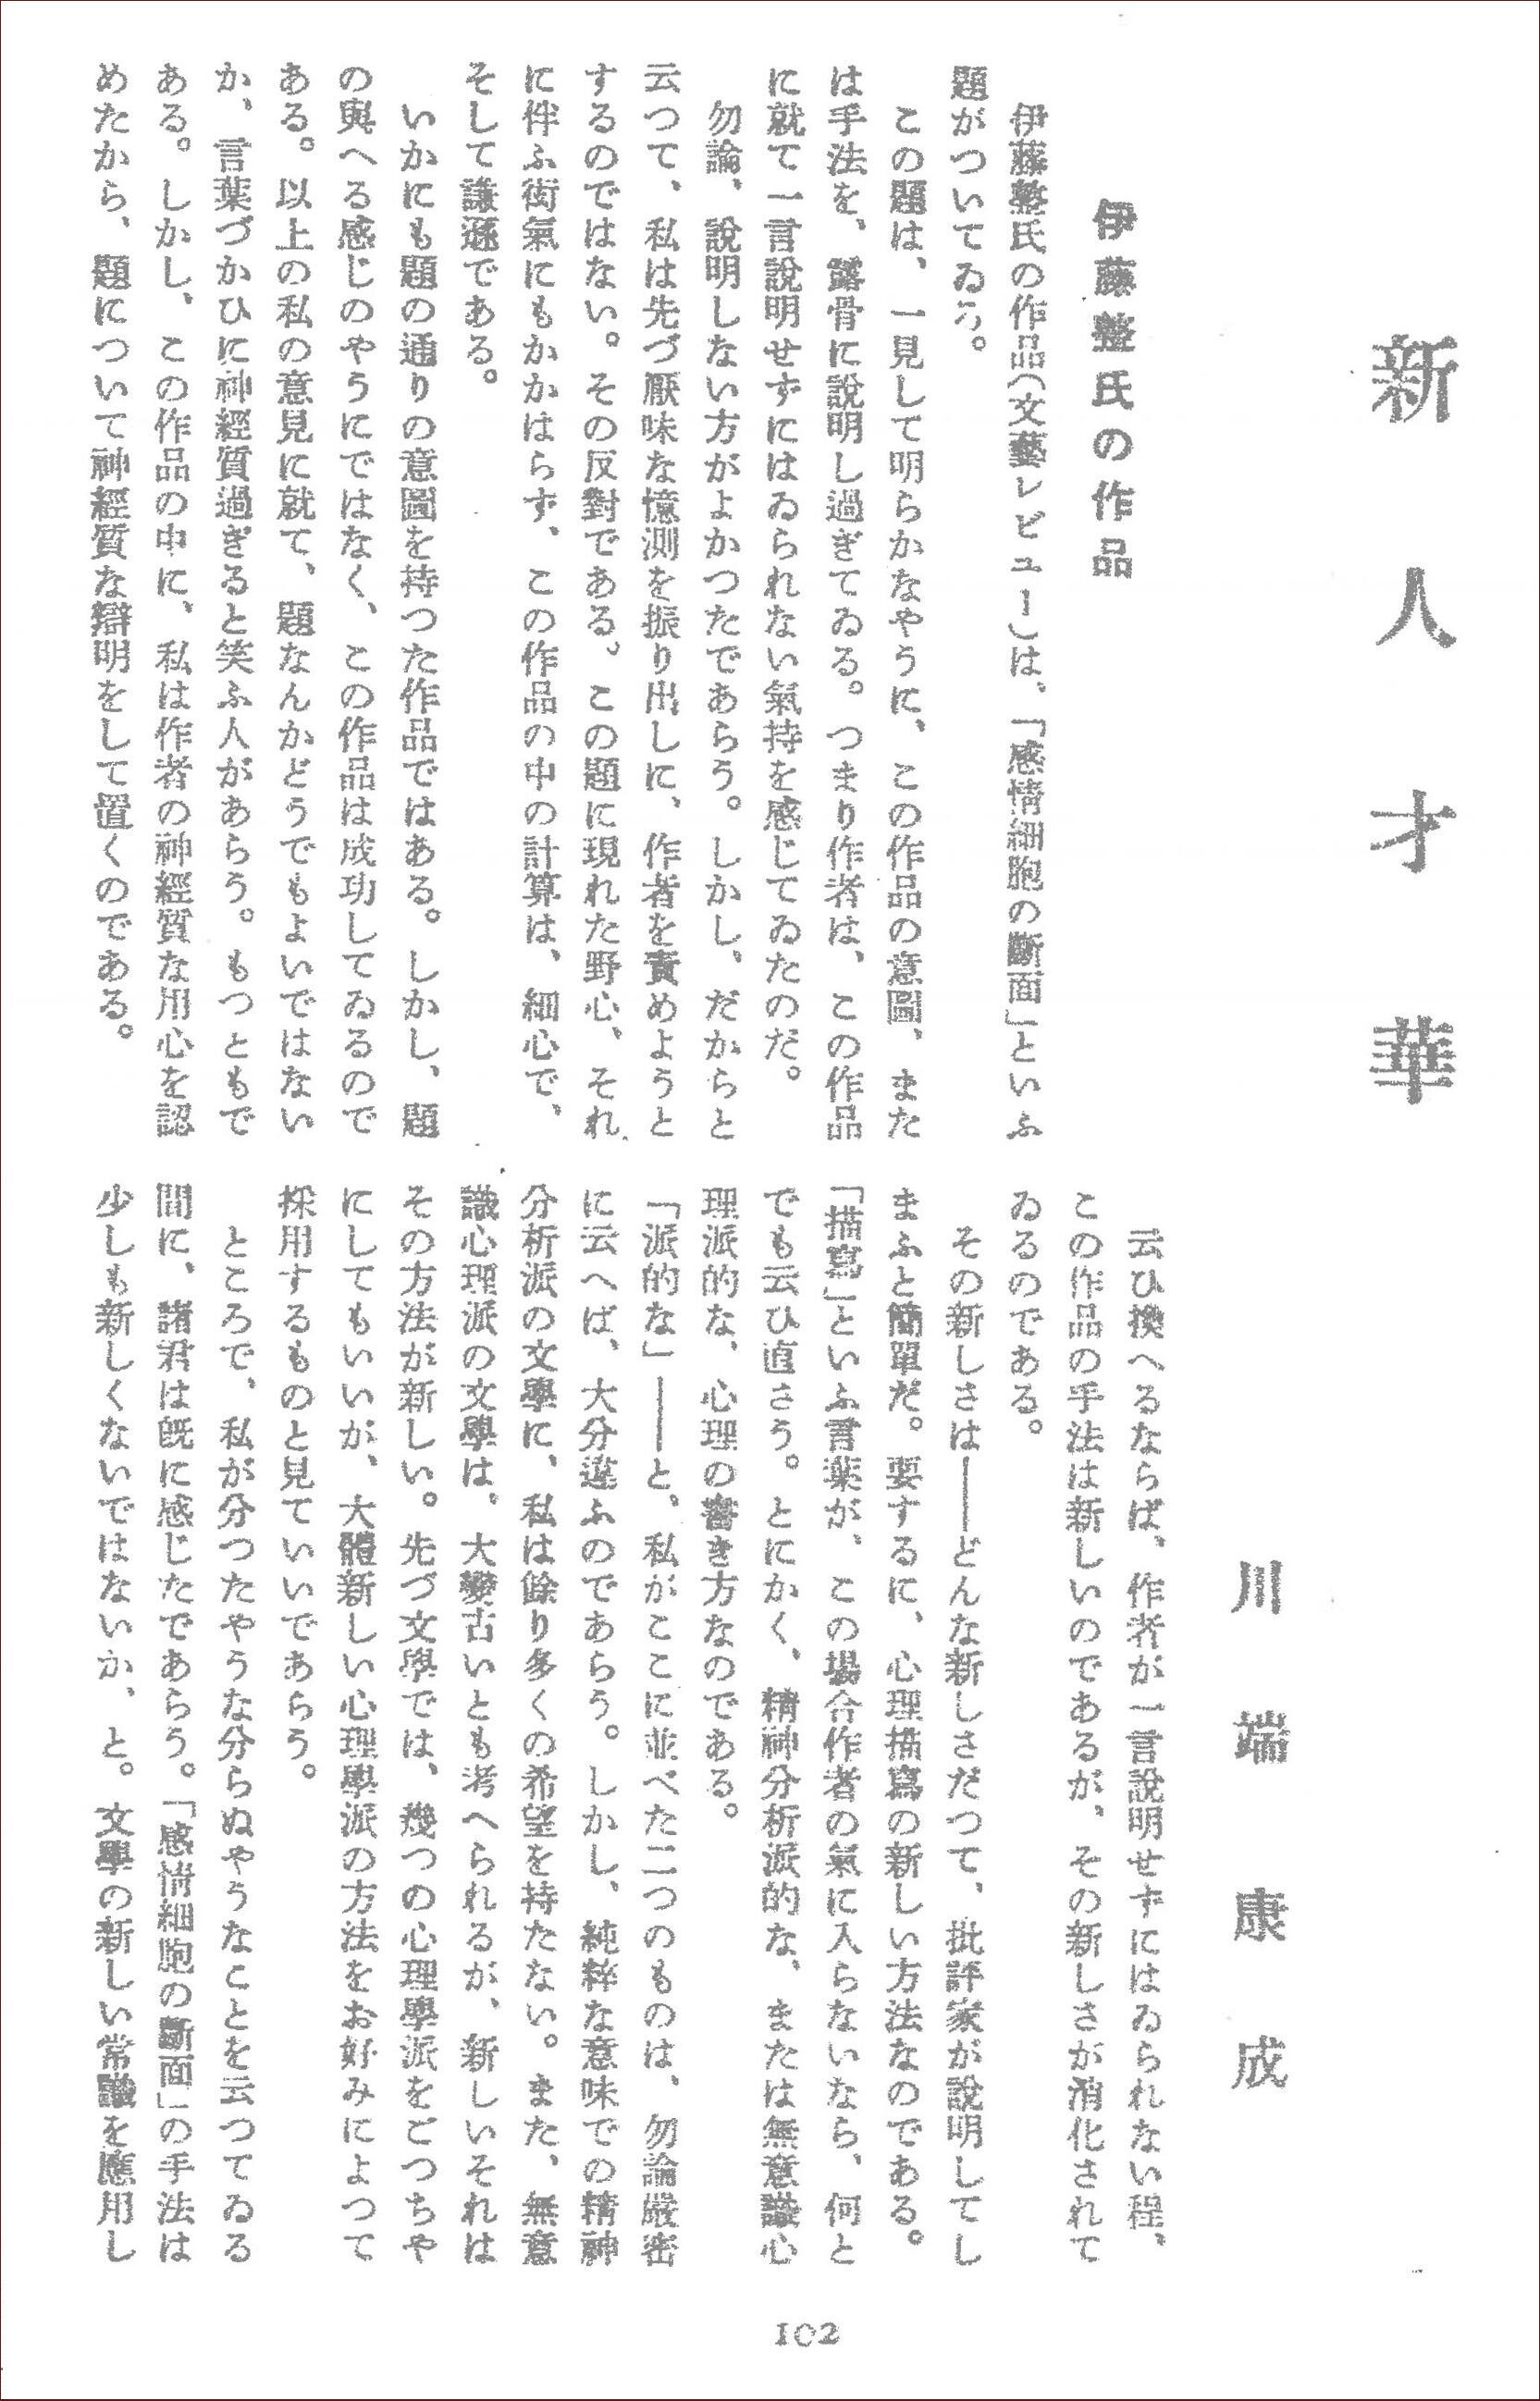 第4回 川端康成「新人才華」.jpg